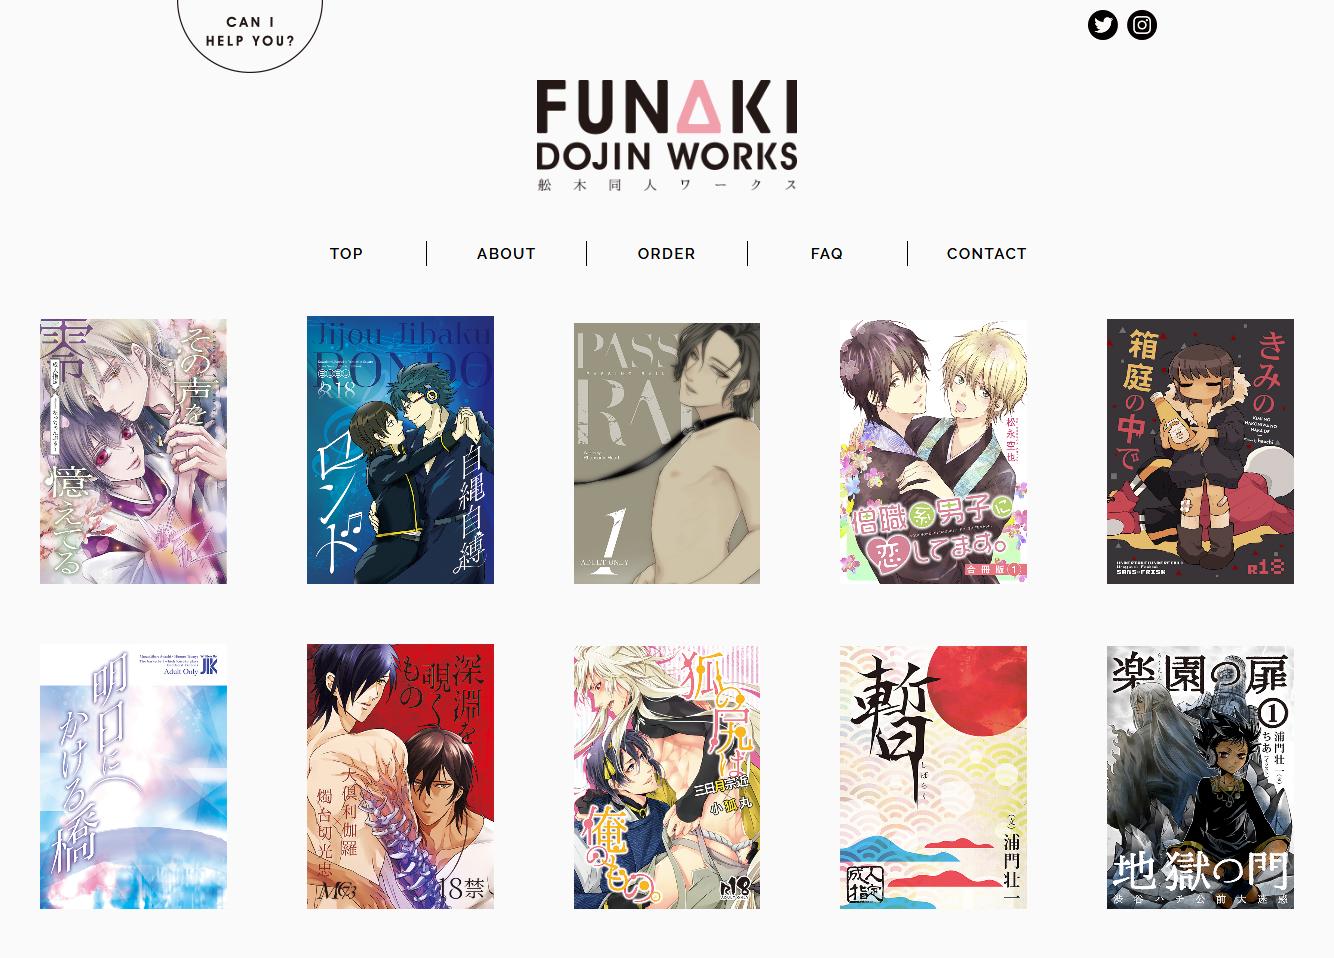 FunakiDojinWorks